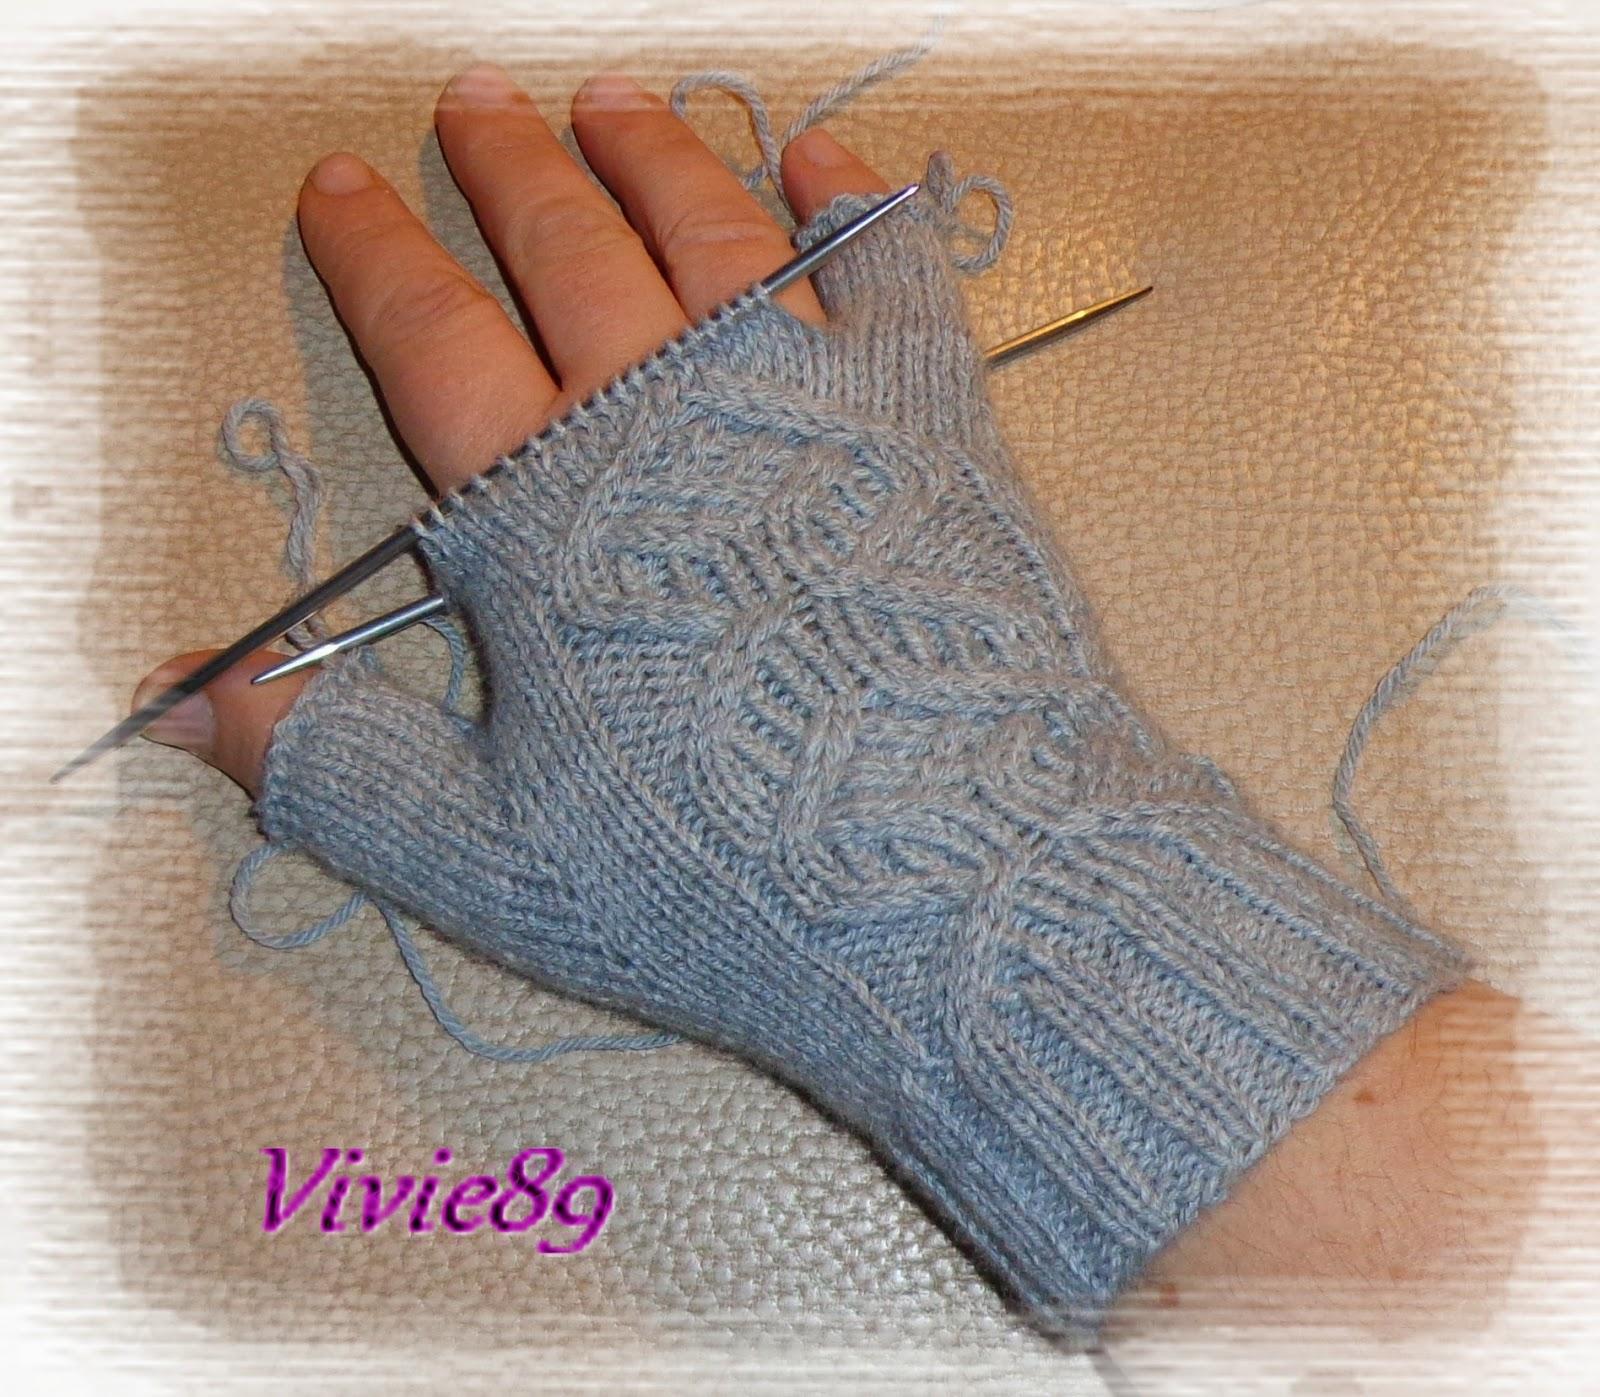 Comment tricoter avec ses doigts - Tricoter des mitaines facile ...